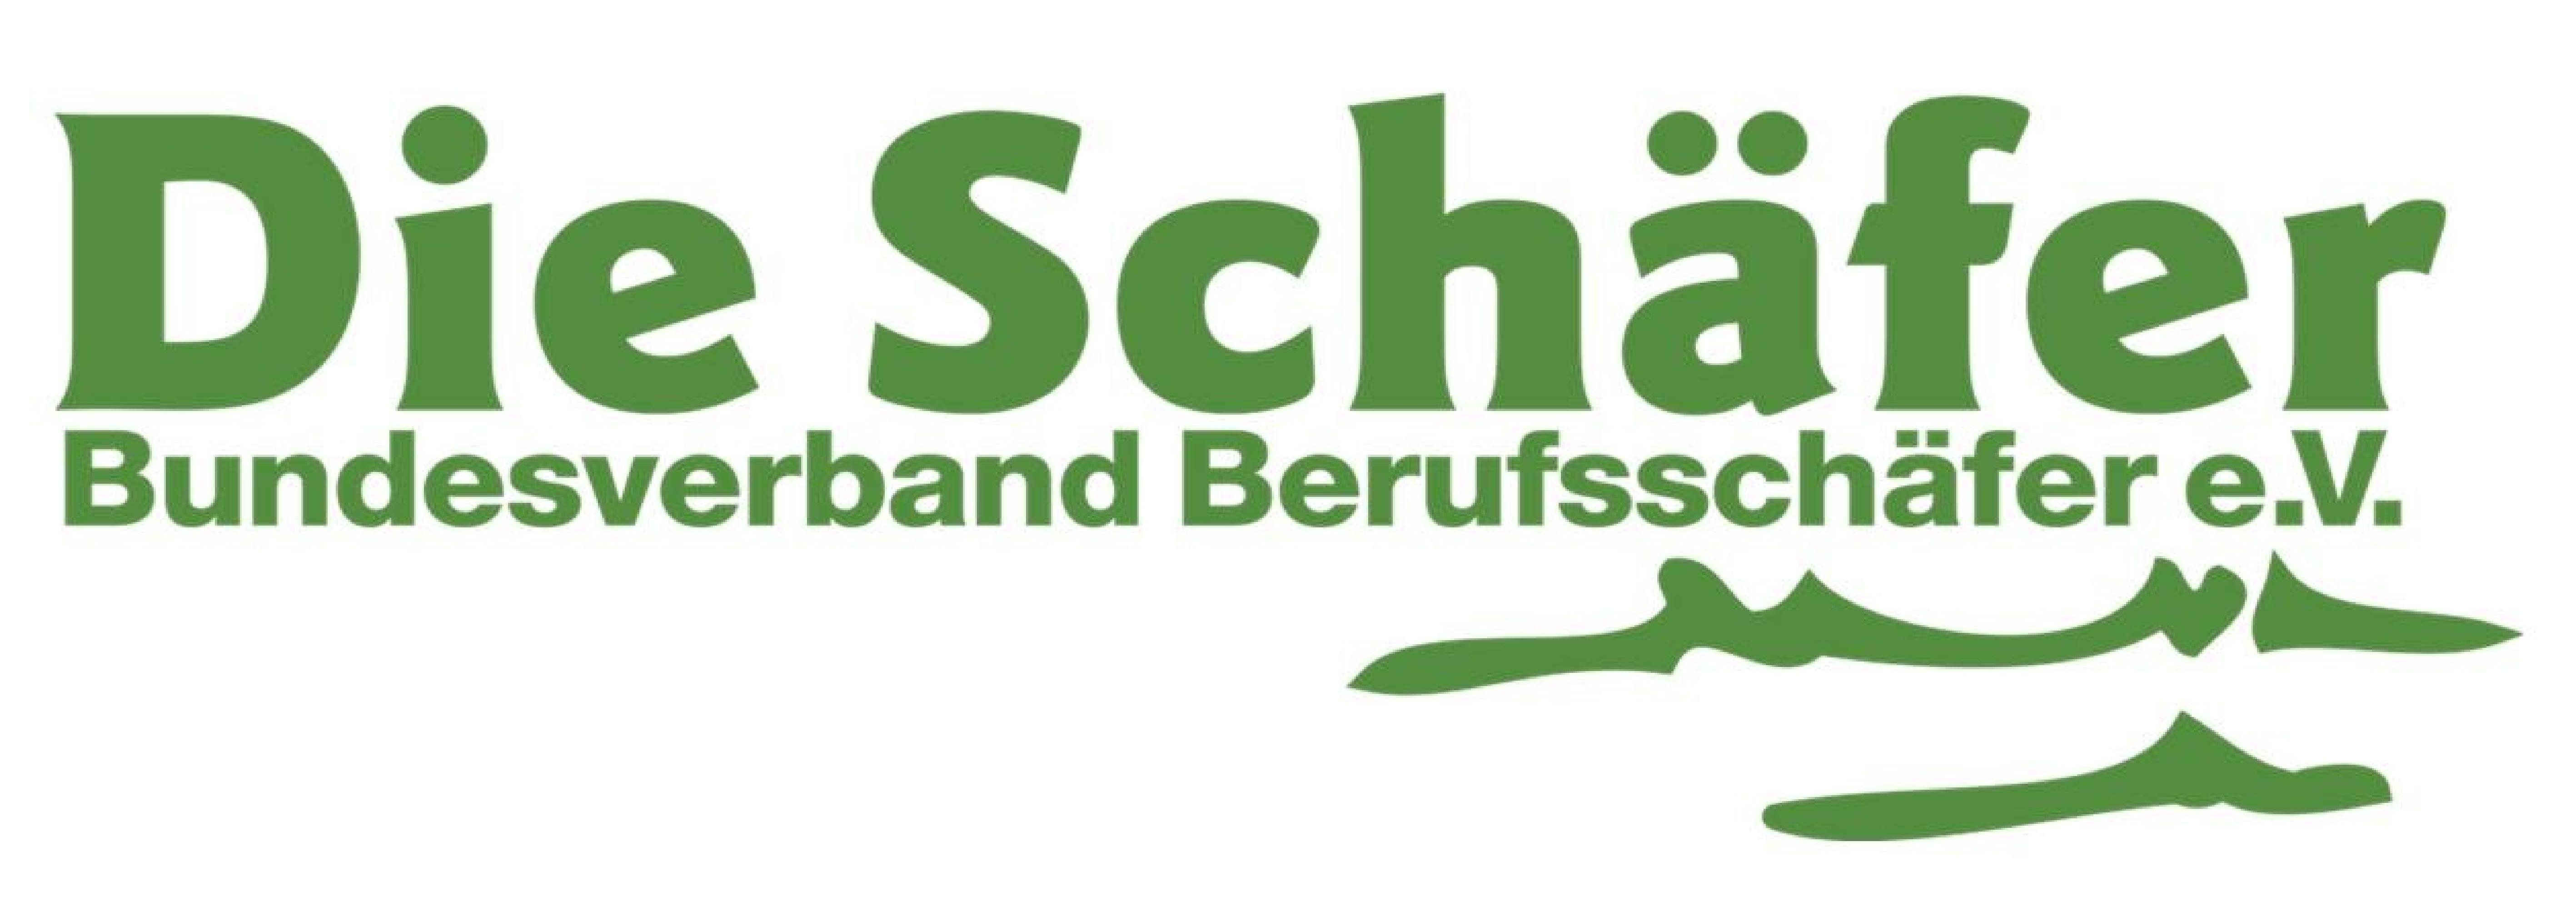 BVBS Schaefer